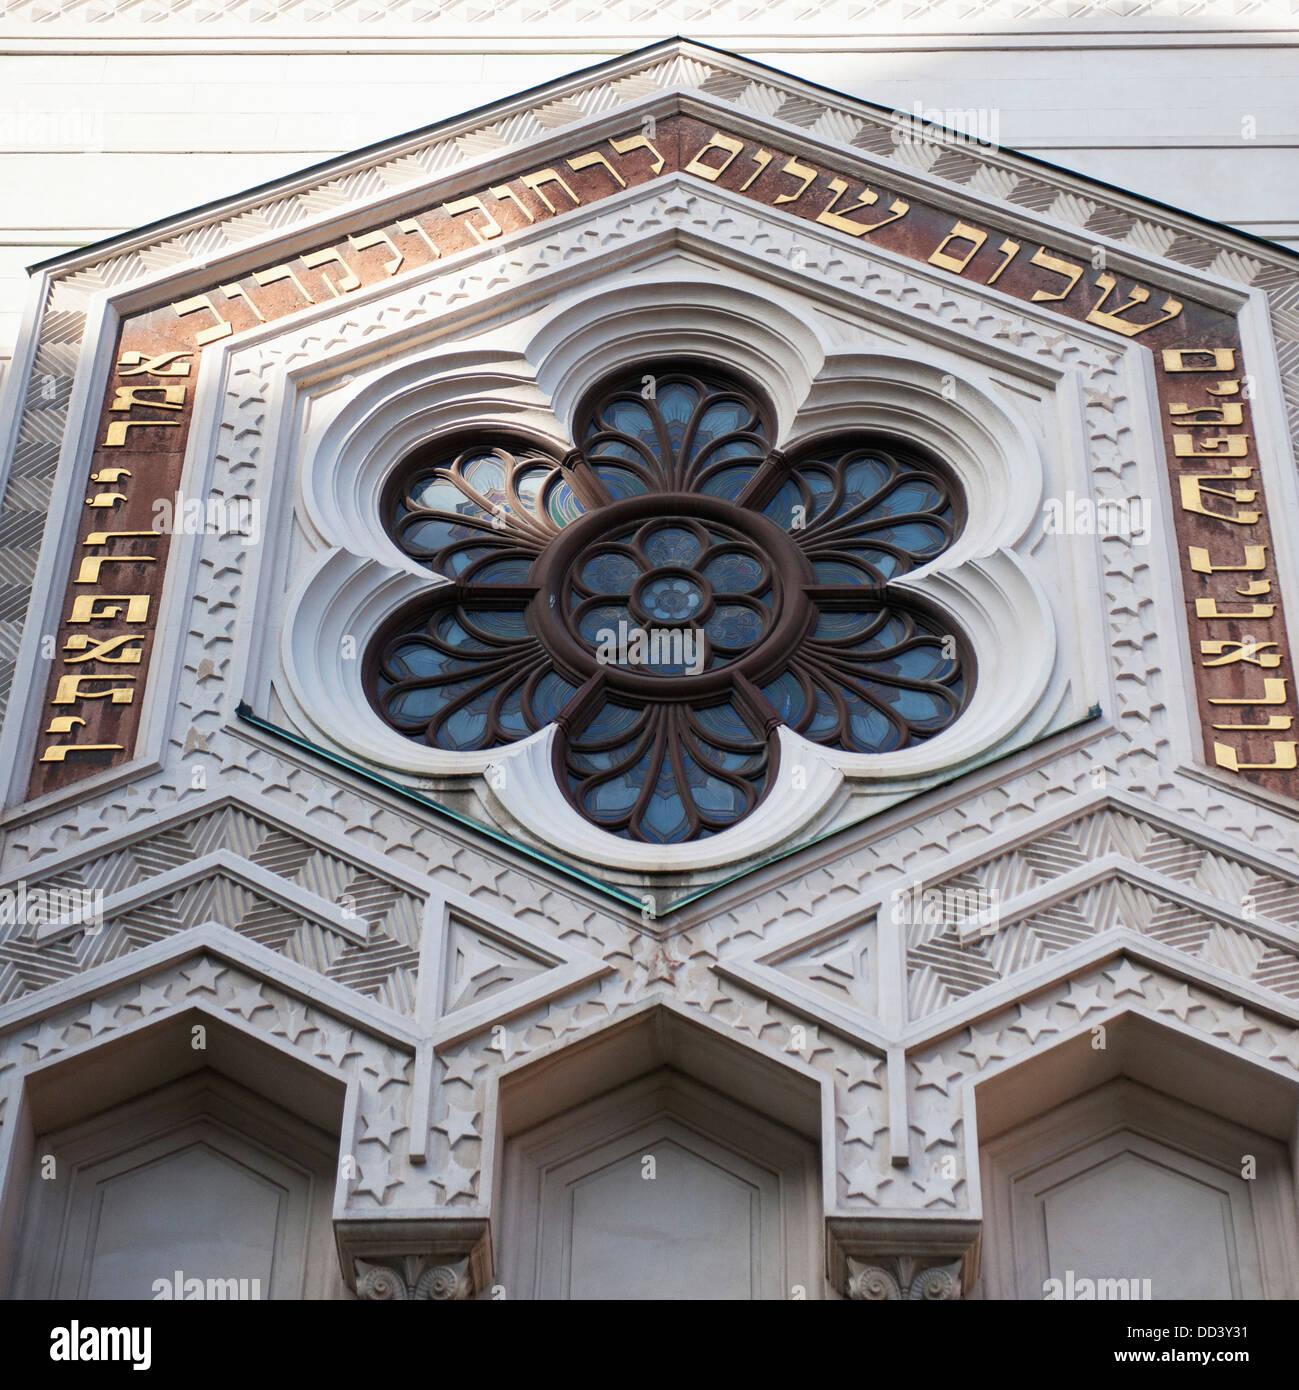 Flower Design In Blue Glass On Great Synagogue Of Stockholm; Stockholm, Sweden - Stock Image